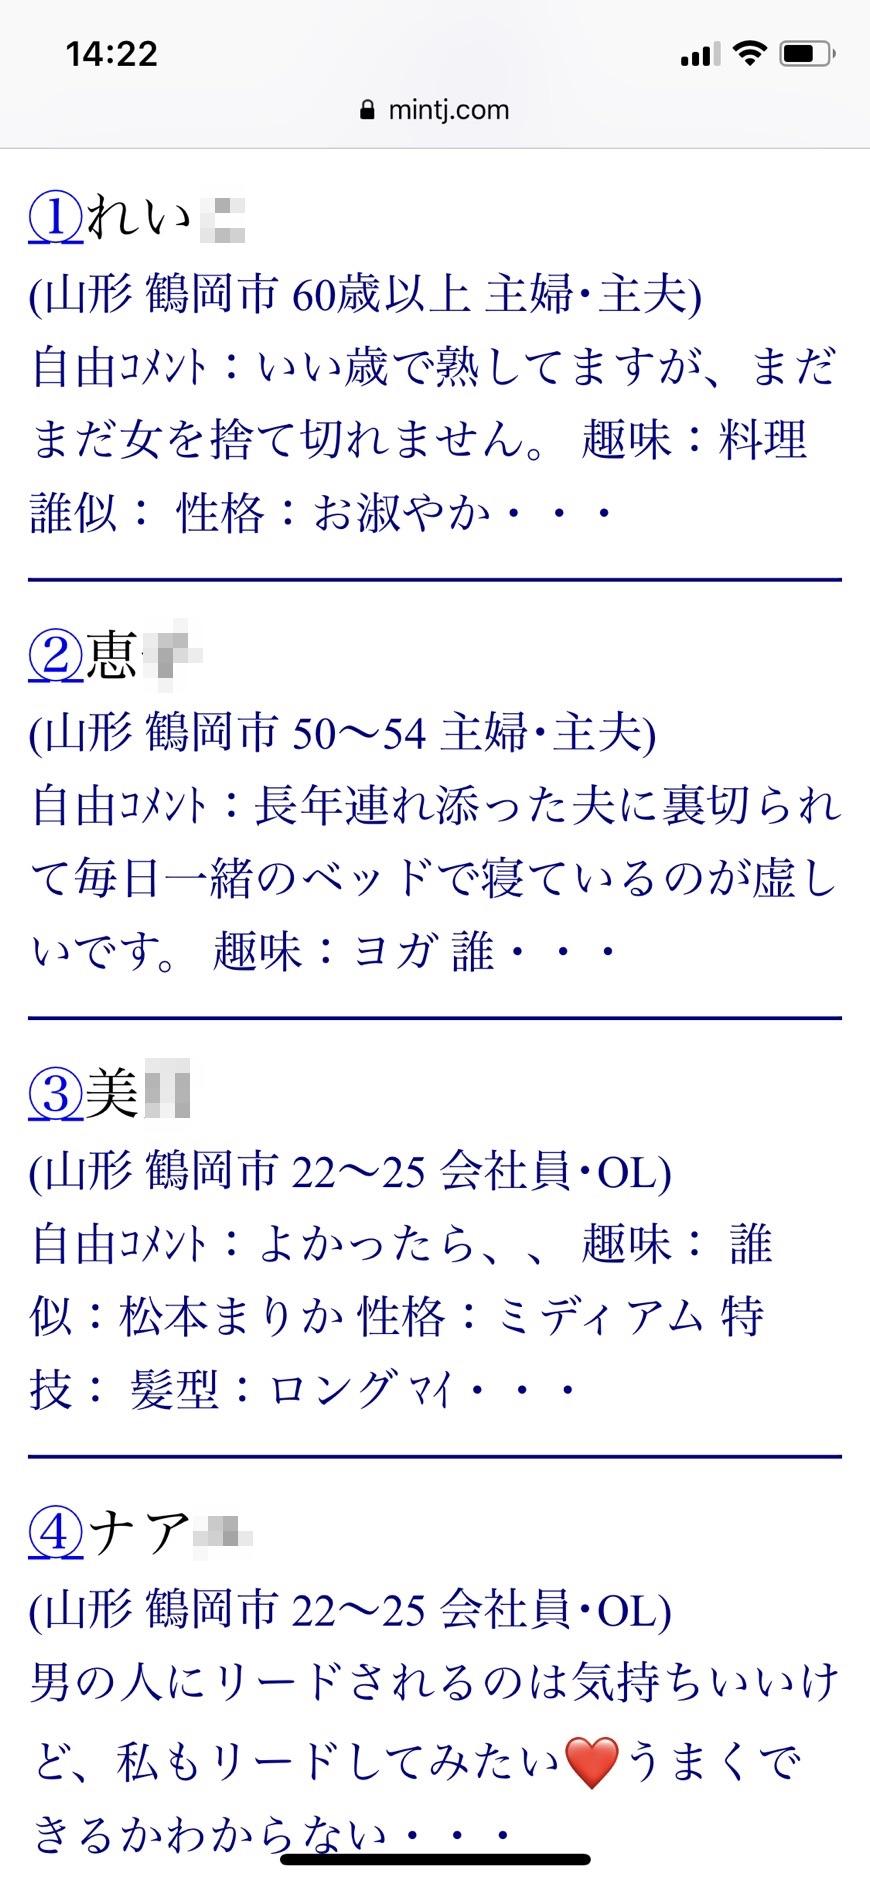 鶴岡・セフレ(女性)